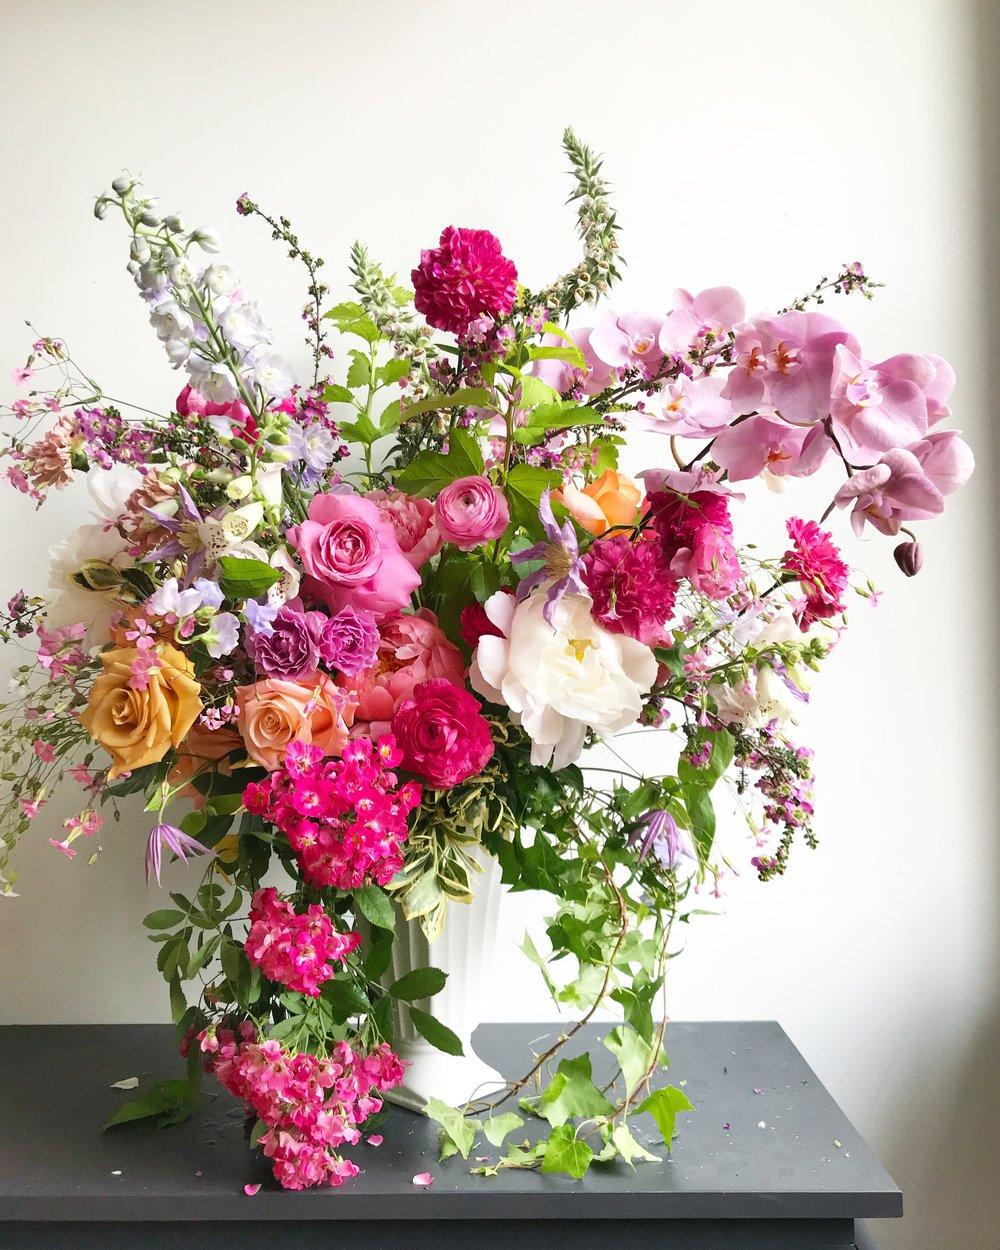 Texture Florals Spring Wedding Statement Arrangement_Philadelphia